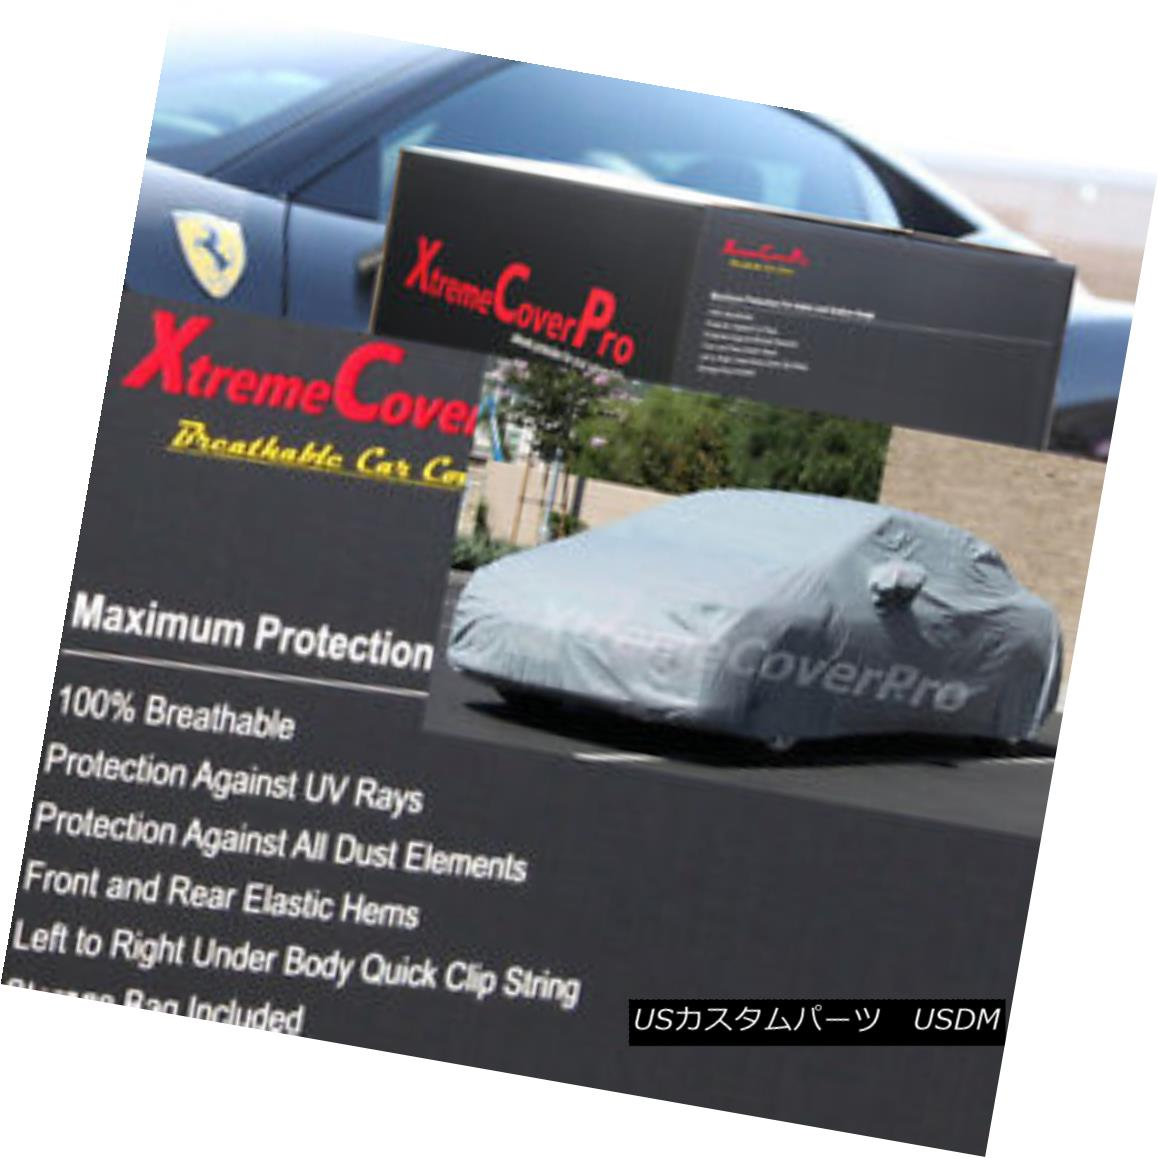 カーカバー 2005 2006 2007 Mercury Montego Breathable Car Cover w/MirrorPocket 2005年2006年2007年マーキュリーモンテゴ通気性車カバー付きMirrorPocket